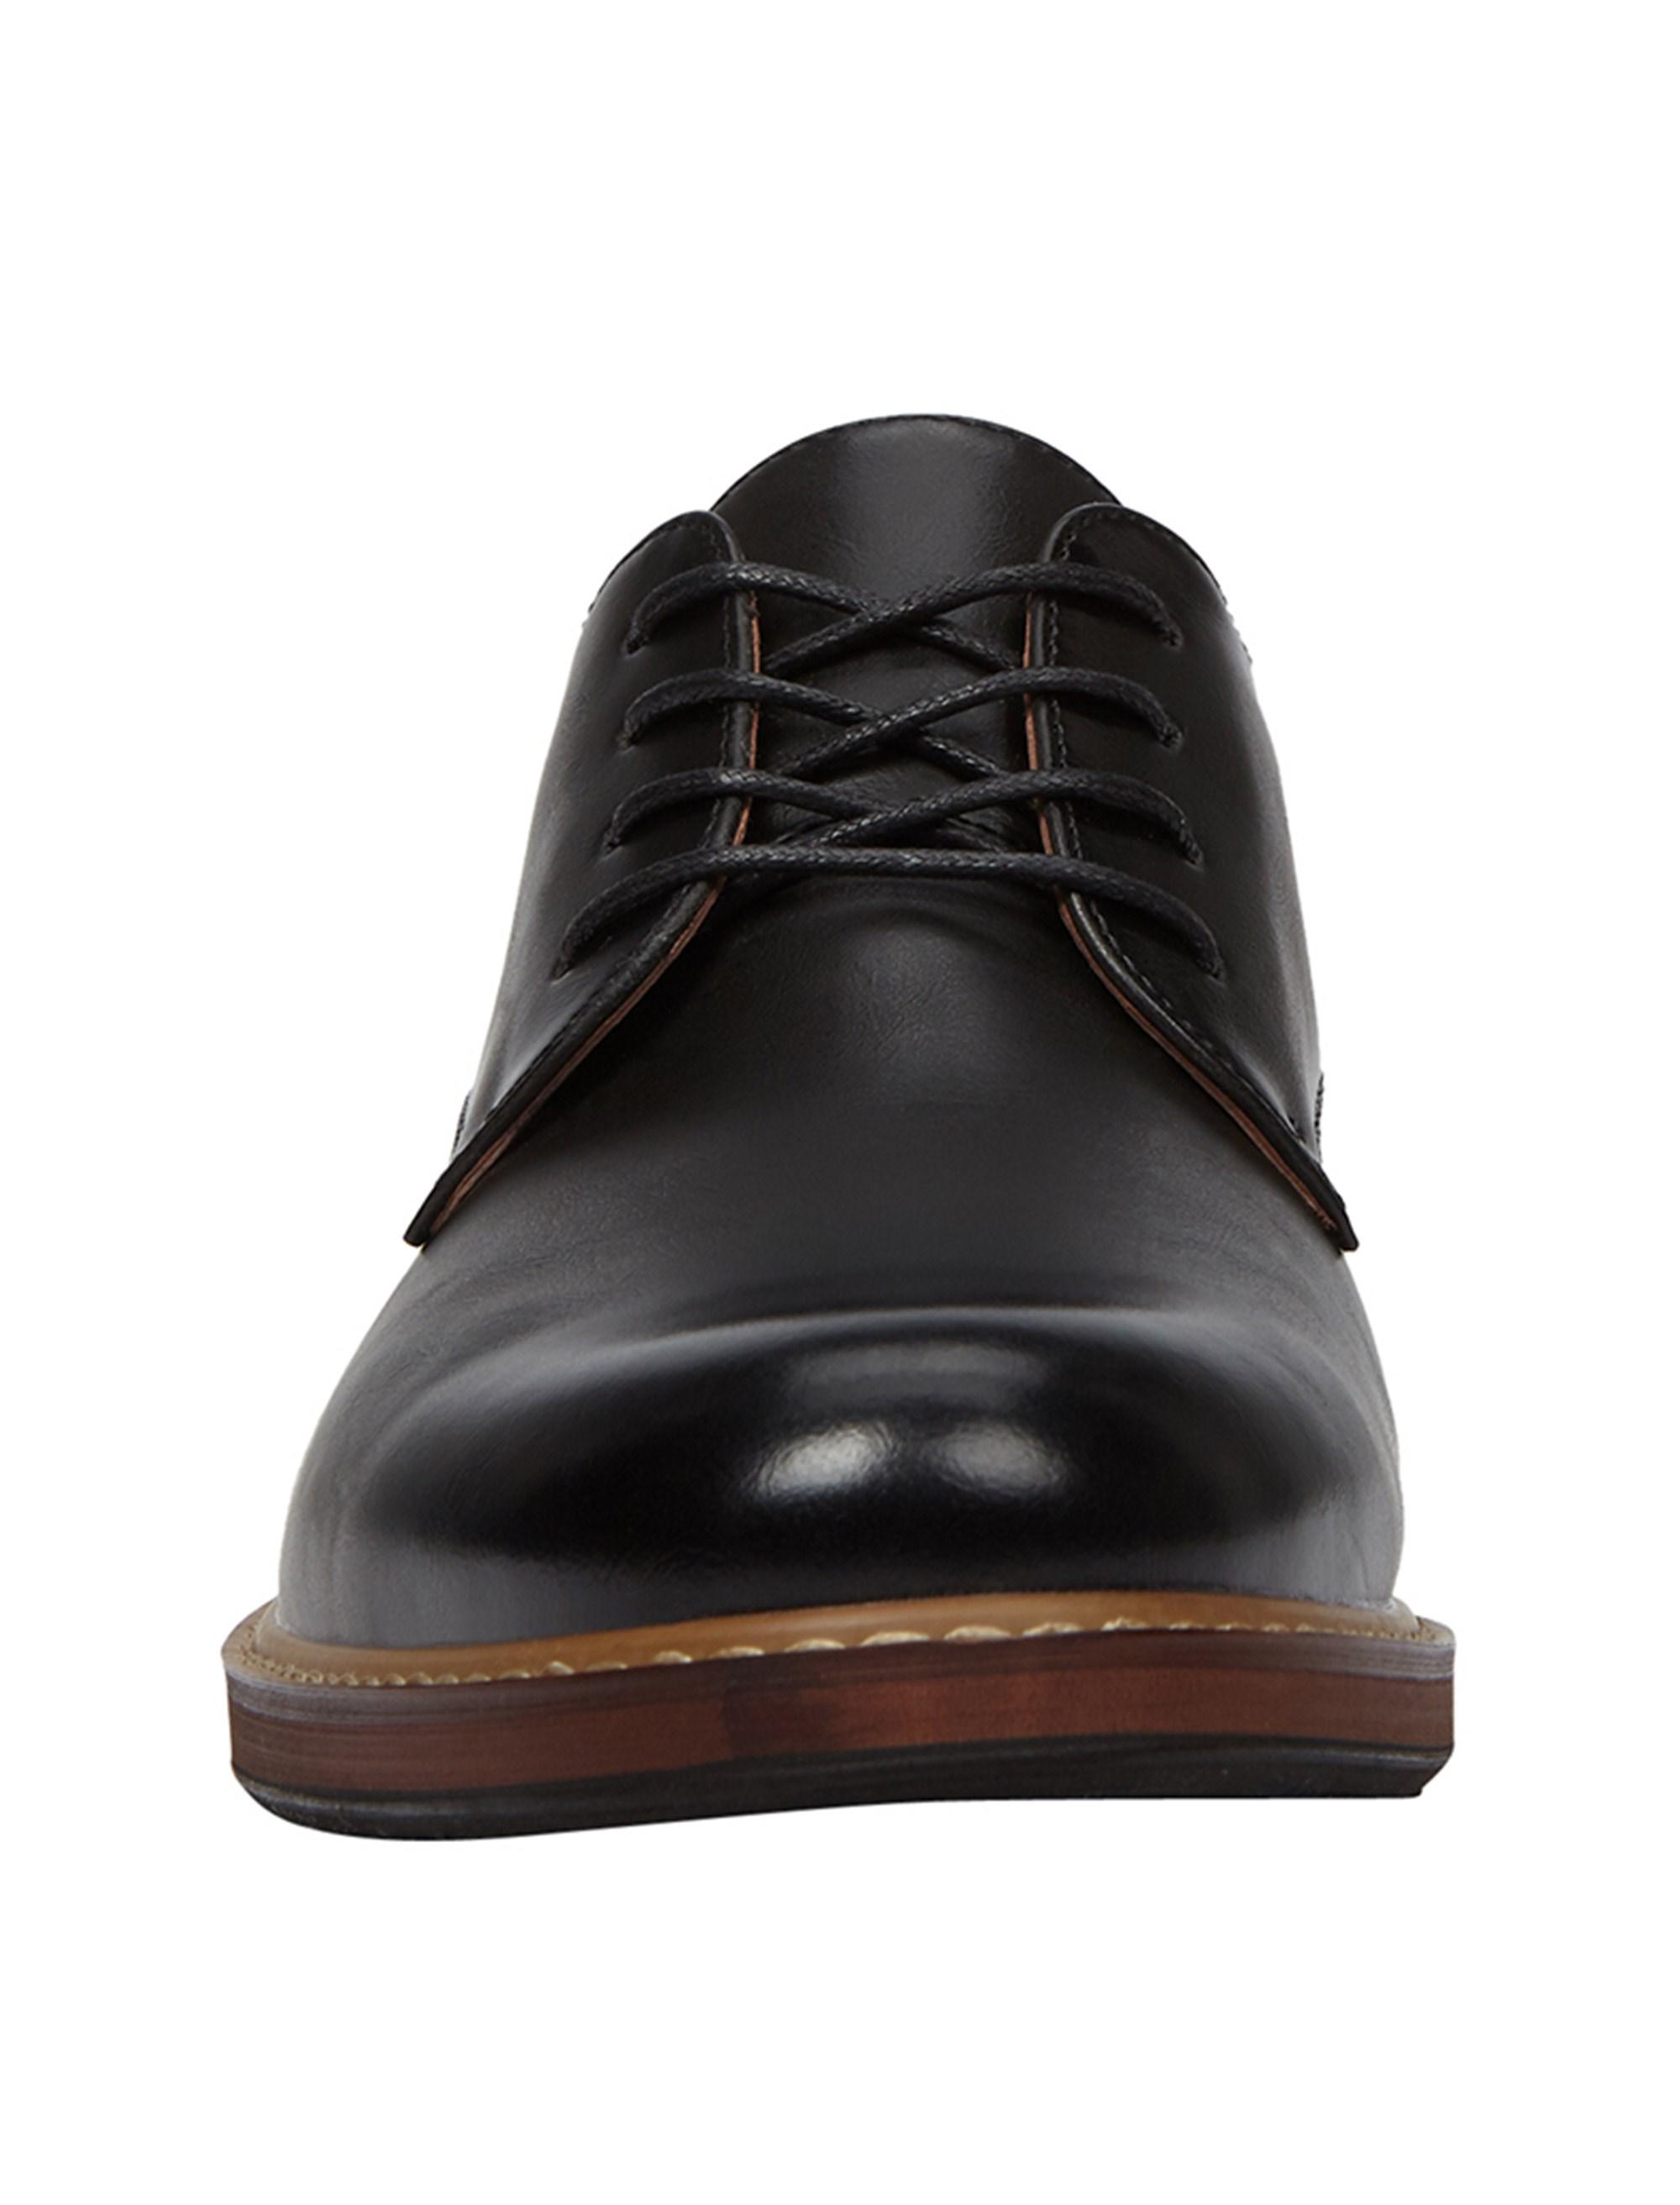 کفش رسمی مردانه FERADE - مشکي - 3